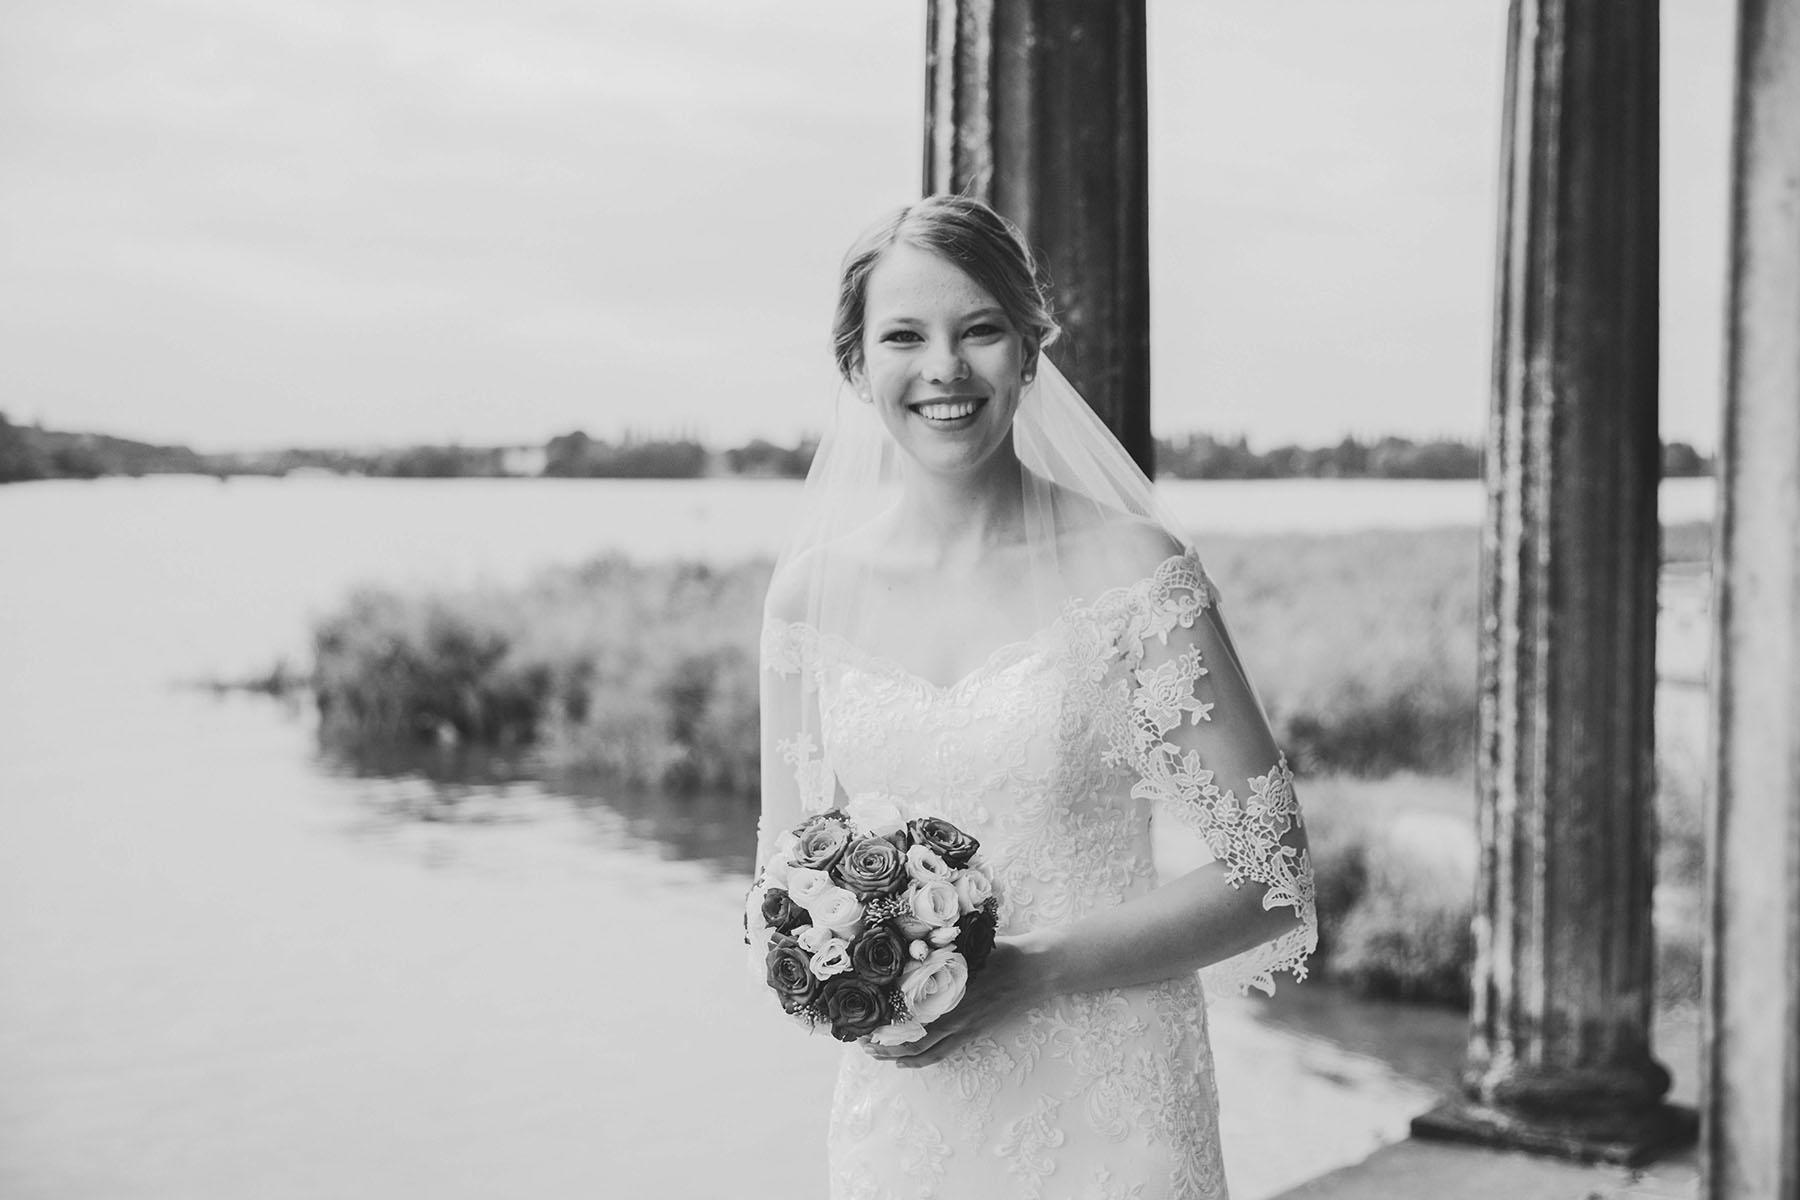 Braut mit Schleier Foto in schwarz-weiß am Wasser